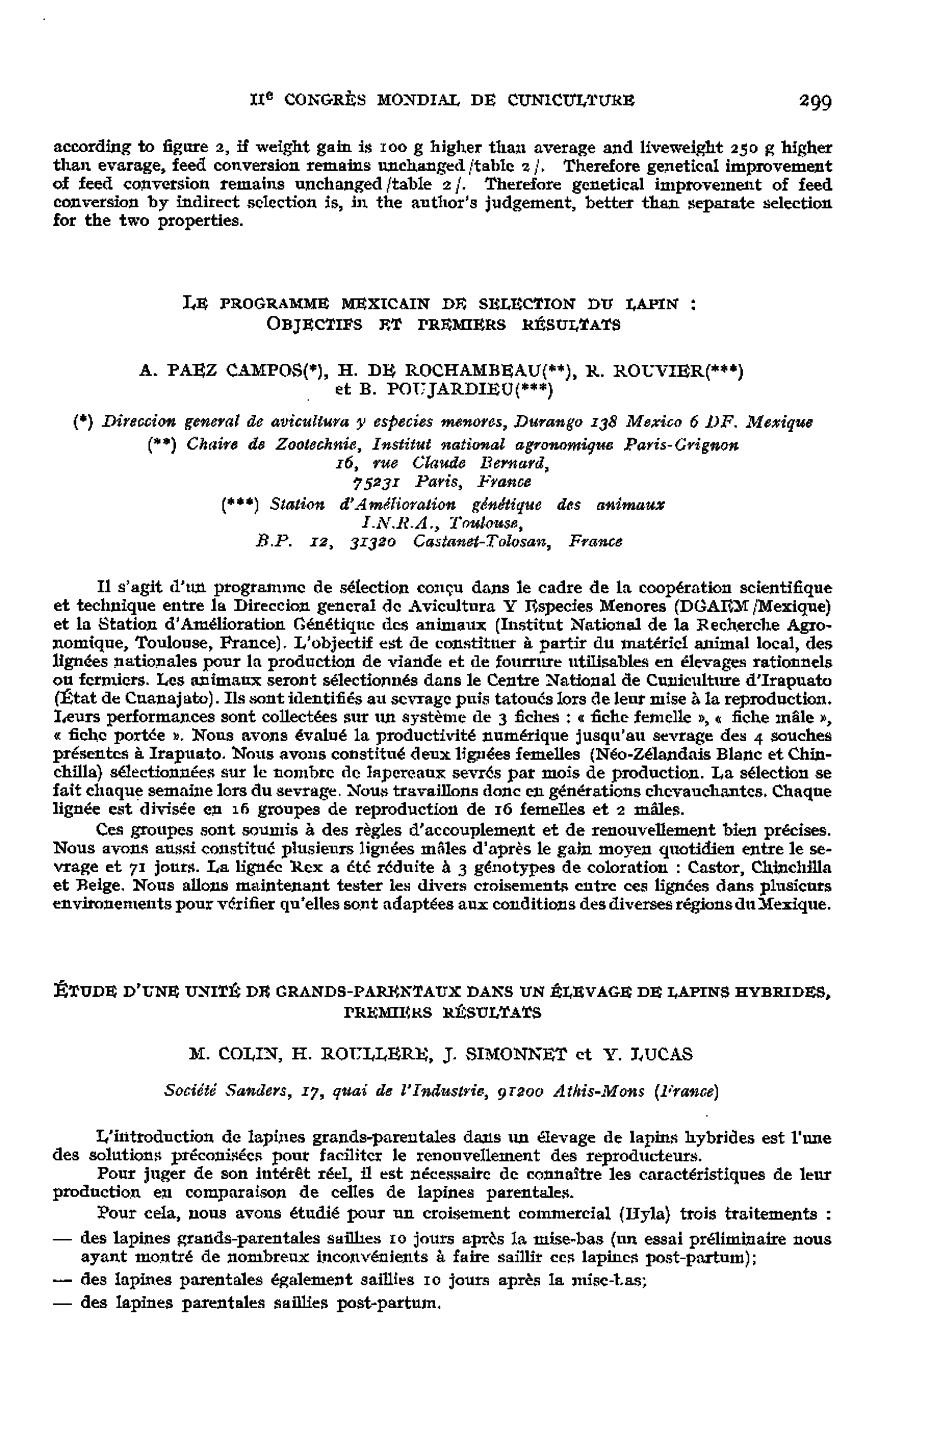 Le Programme Mexicain De Selection Du Lapin Objectifs Et Premiers